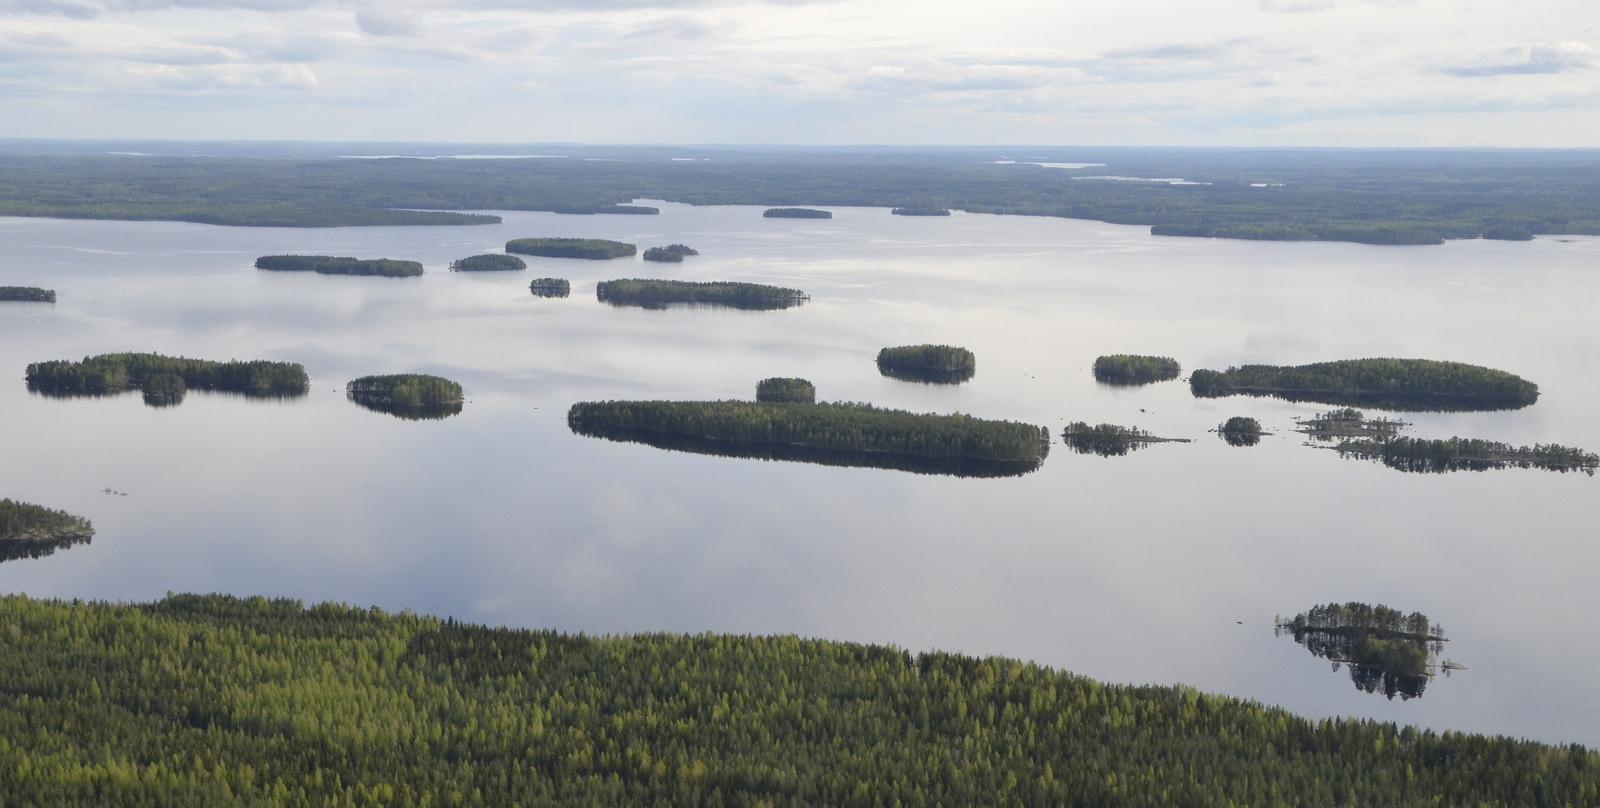 Harmaalarannan edustan saaria. Taustalla siintää Keitelejärvi ja Viitasaari.